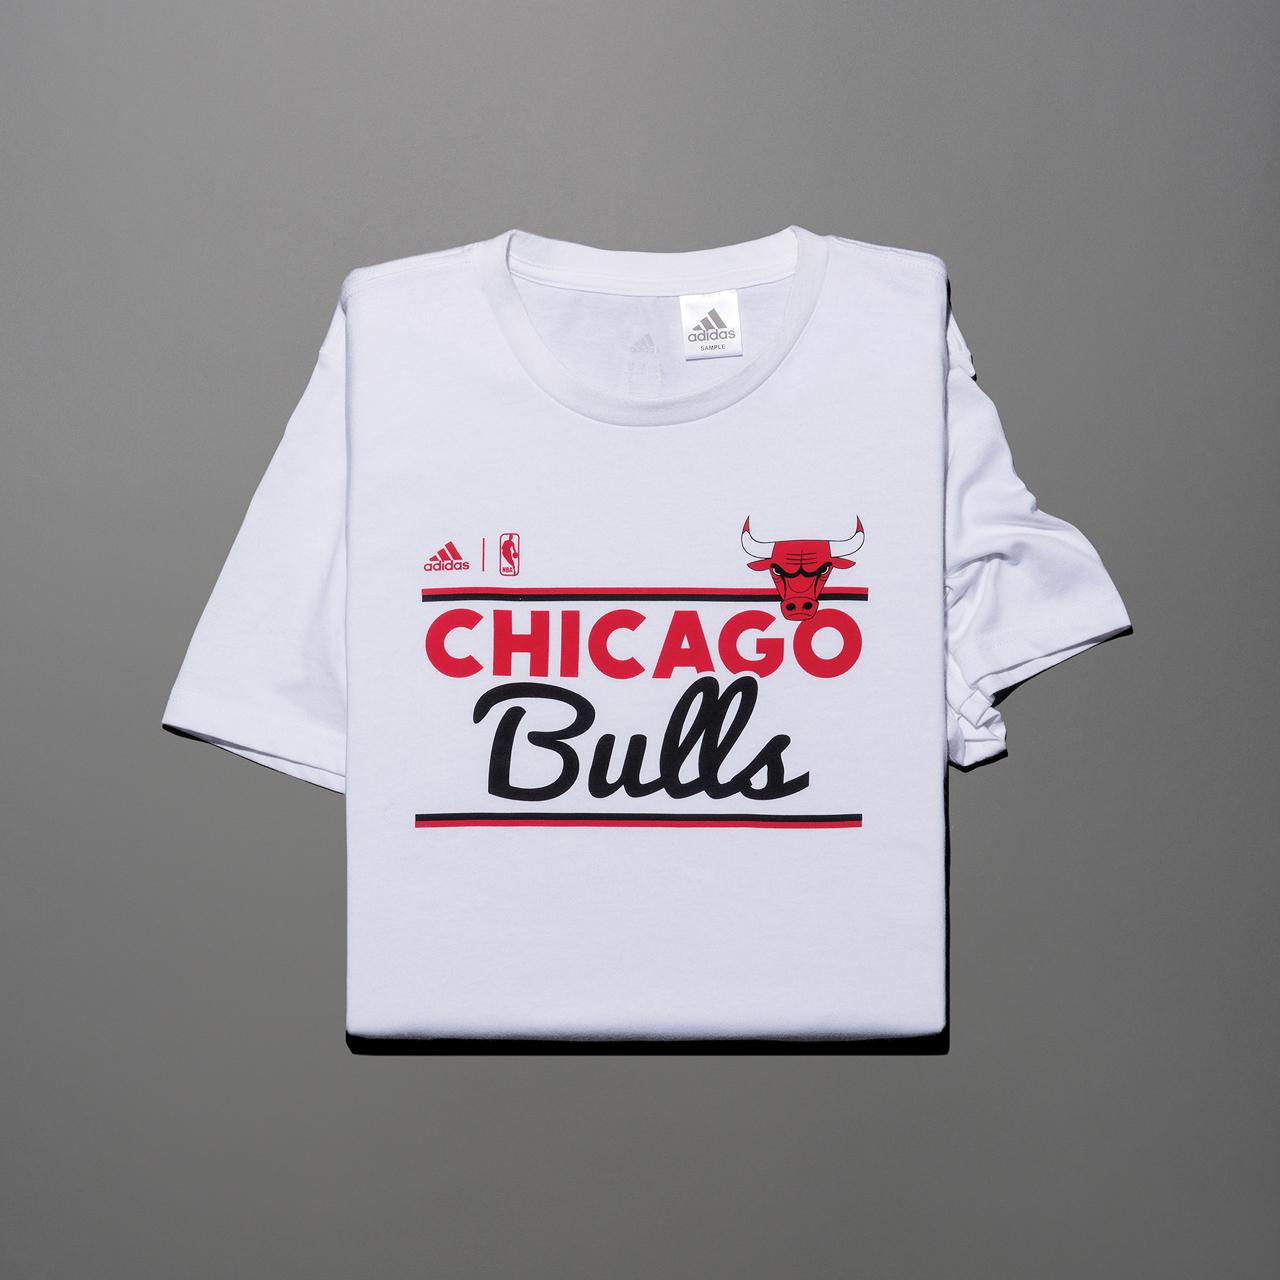 시카고 불스 팀 로고 티셔츠 3만9000원 아디다스.